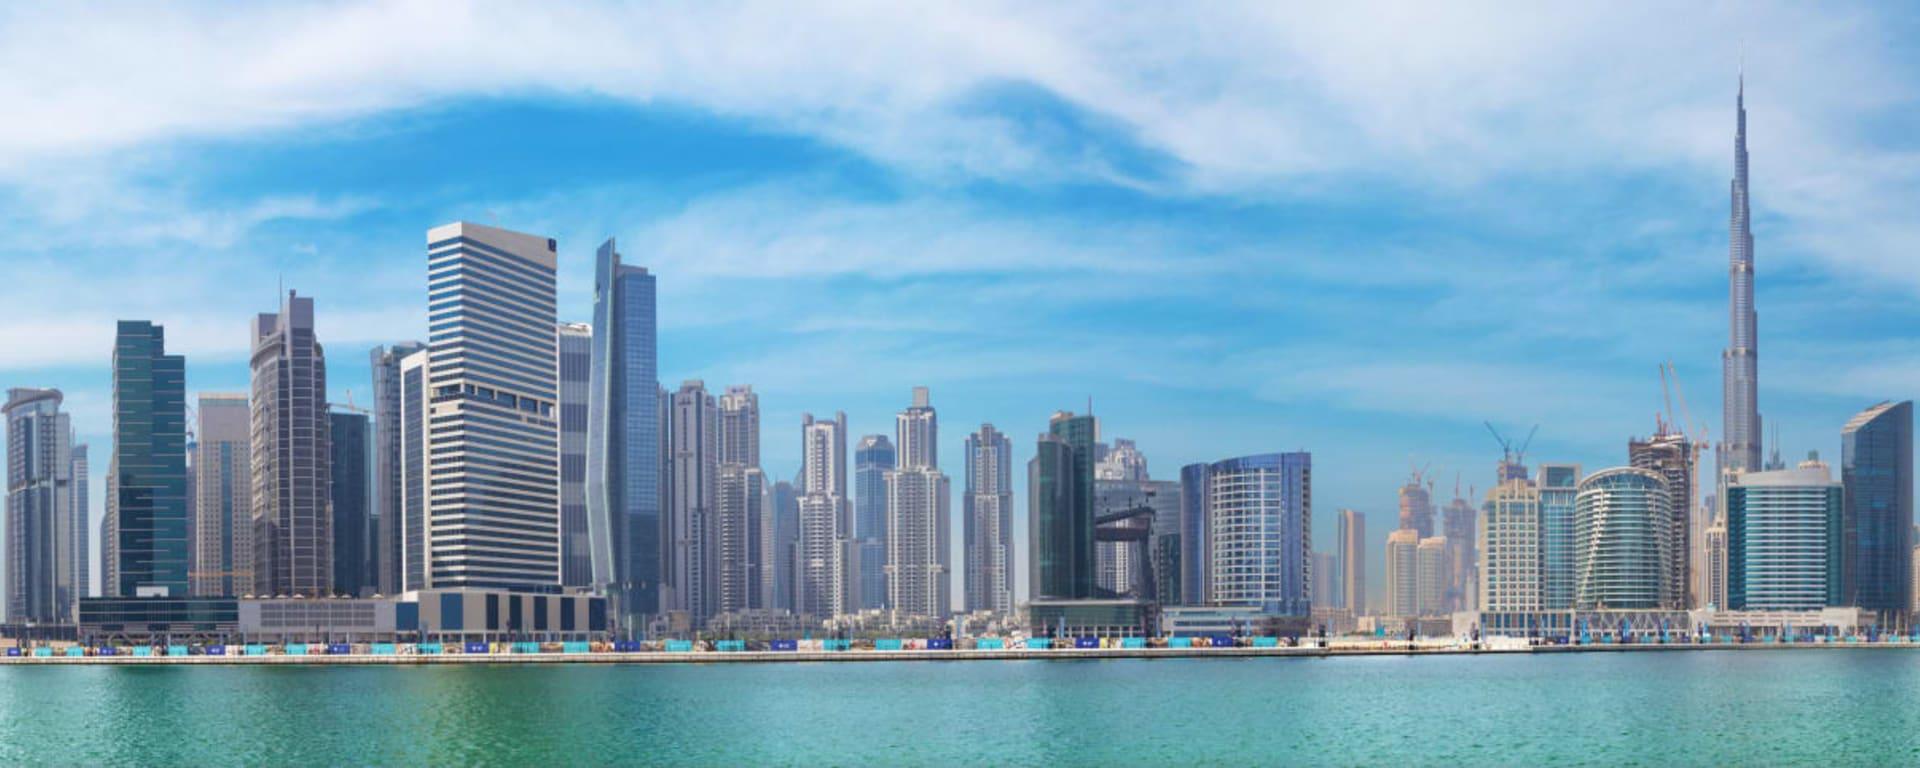 Vereinigte Arabische Emirate entdecken mit Tischler Reisen: Dubai Skyline